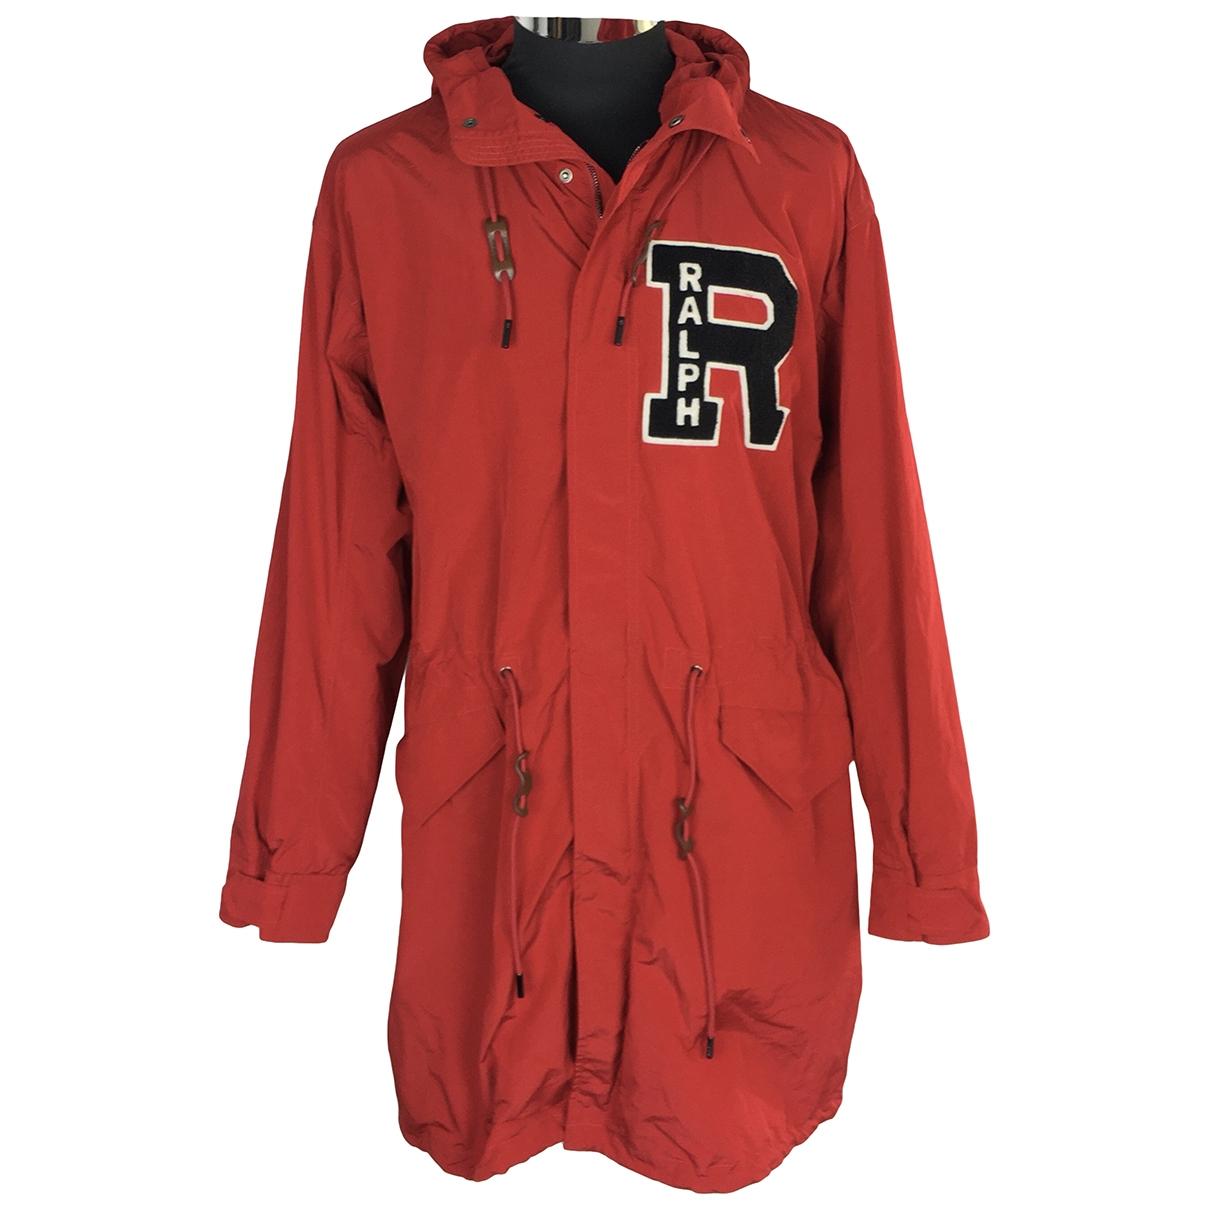 Ralph Lauren Purple Label \N Red coat  for Men XL International